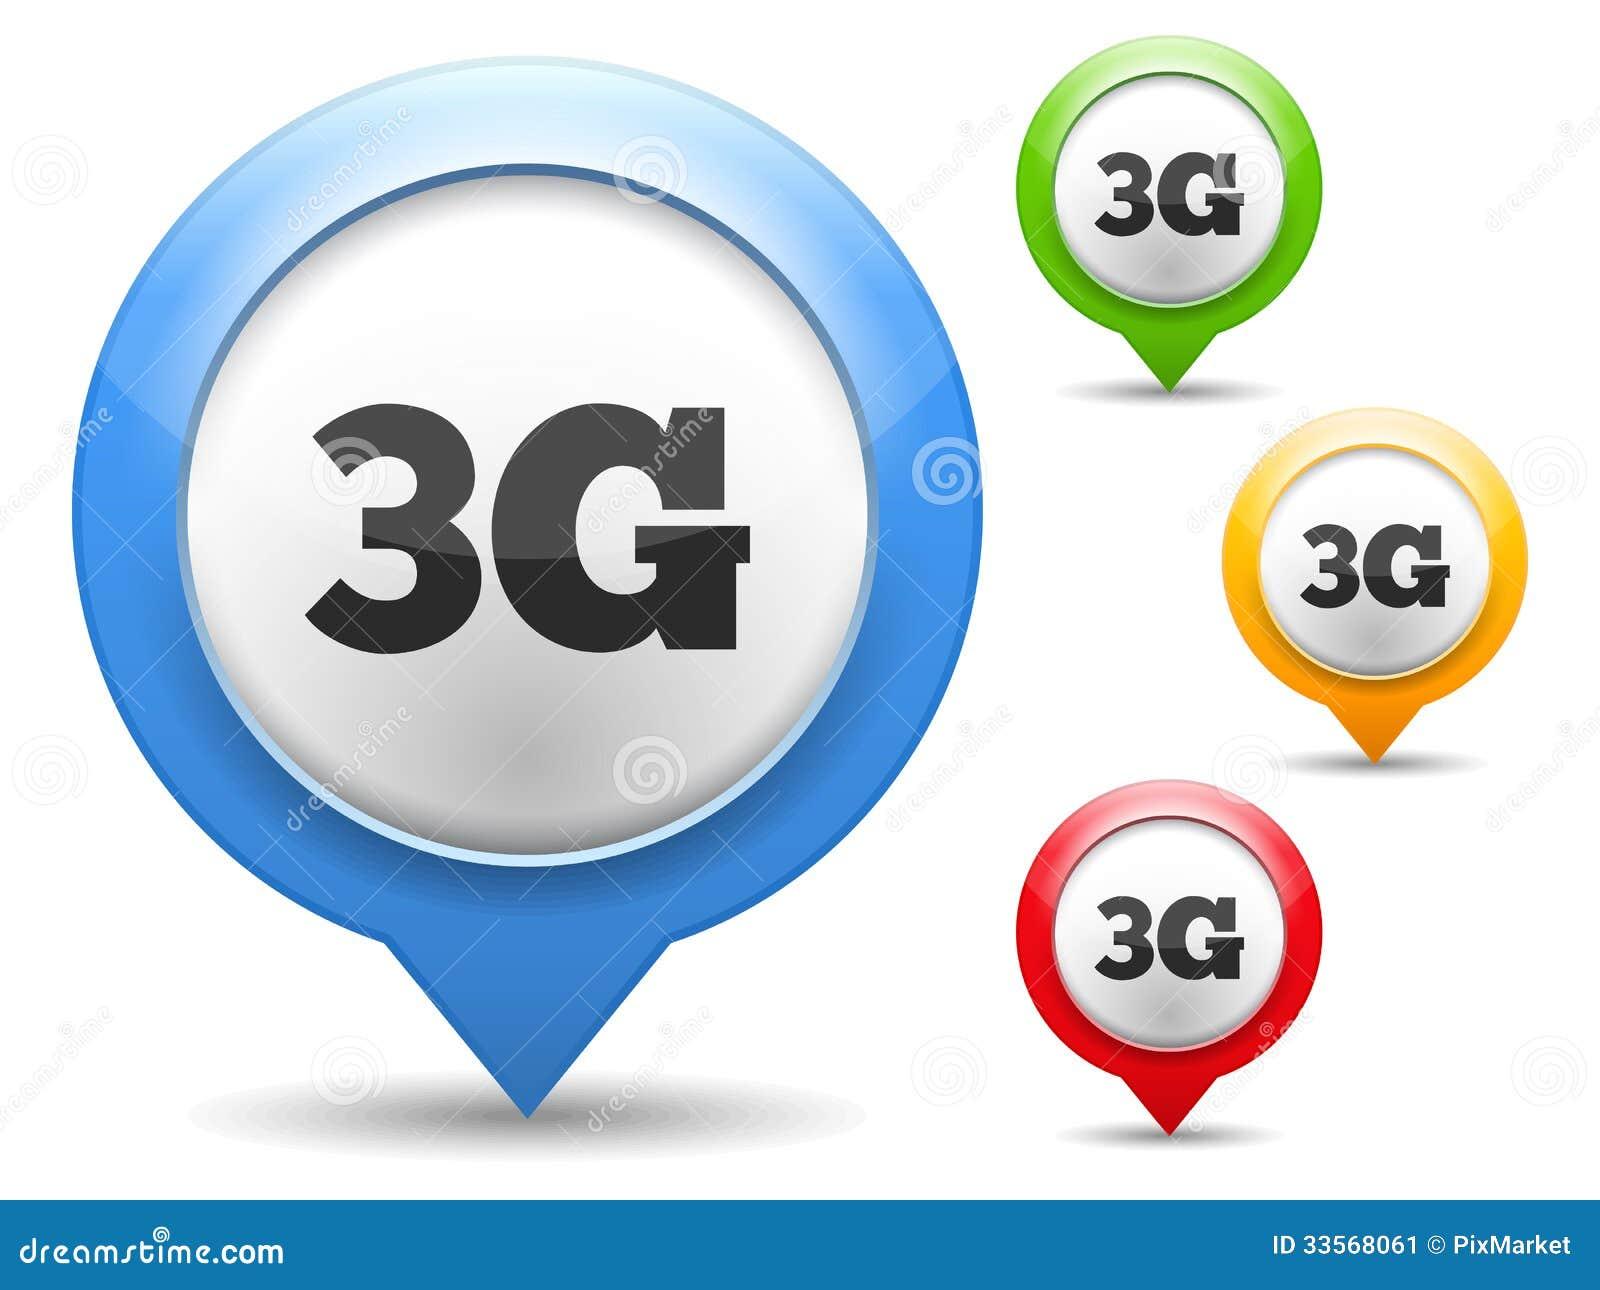 3g icon stock image   image 33568061